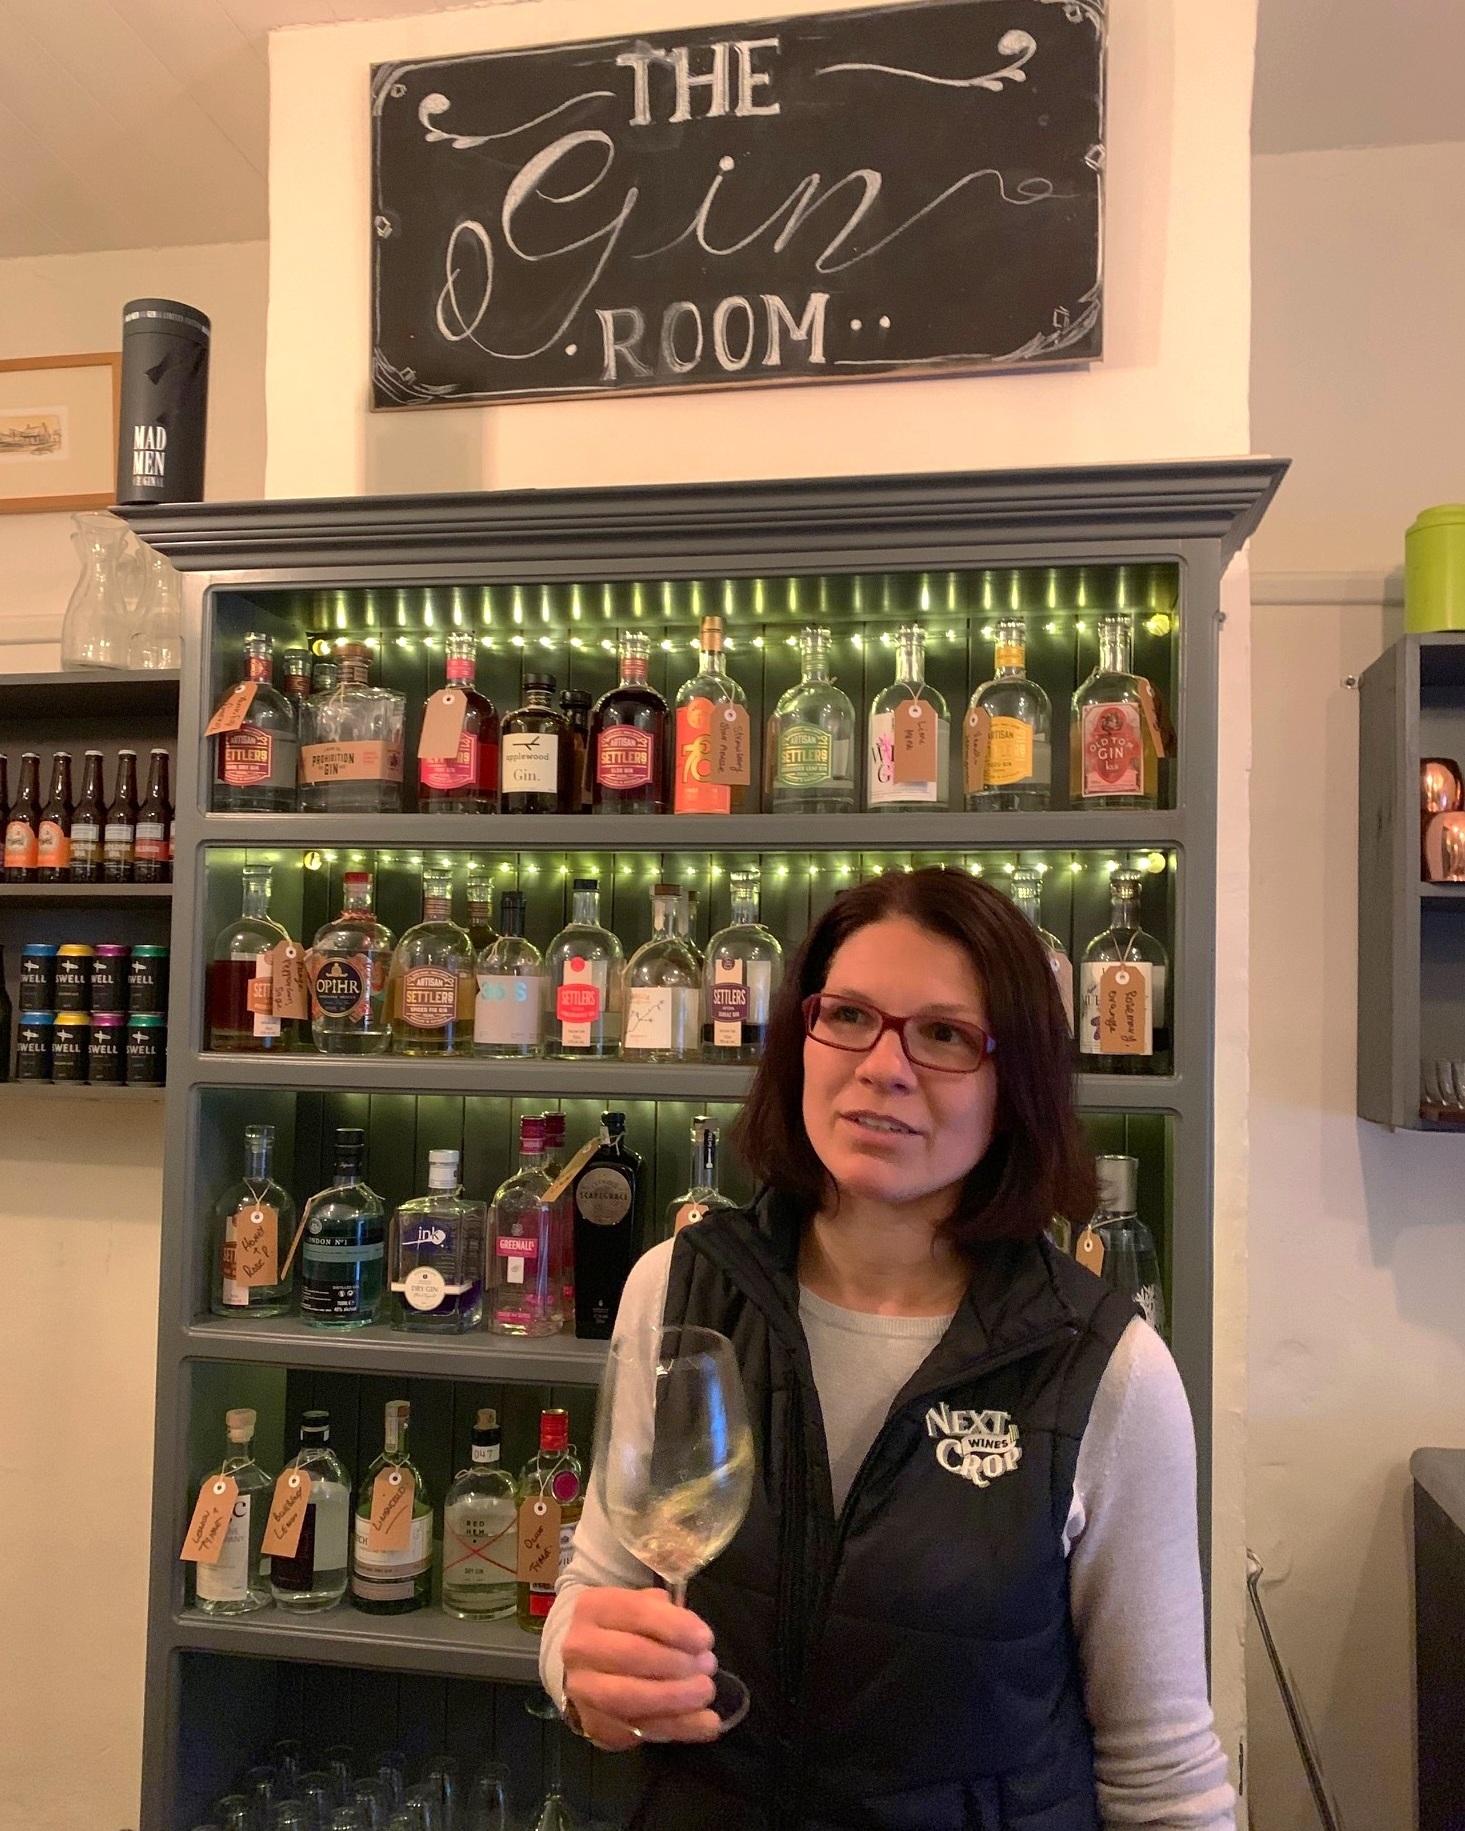 Caroline Schaub ~ Next Crop Wine Maker